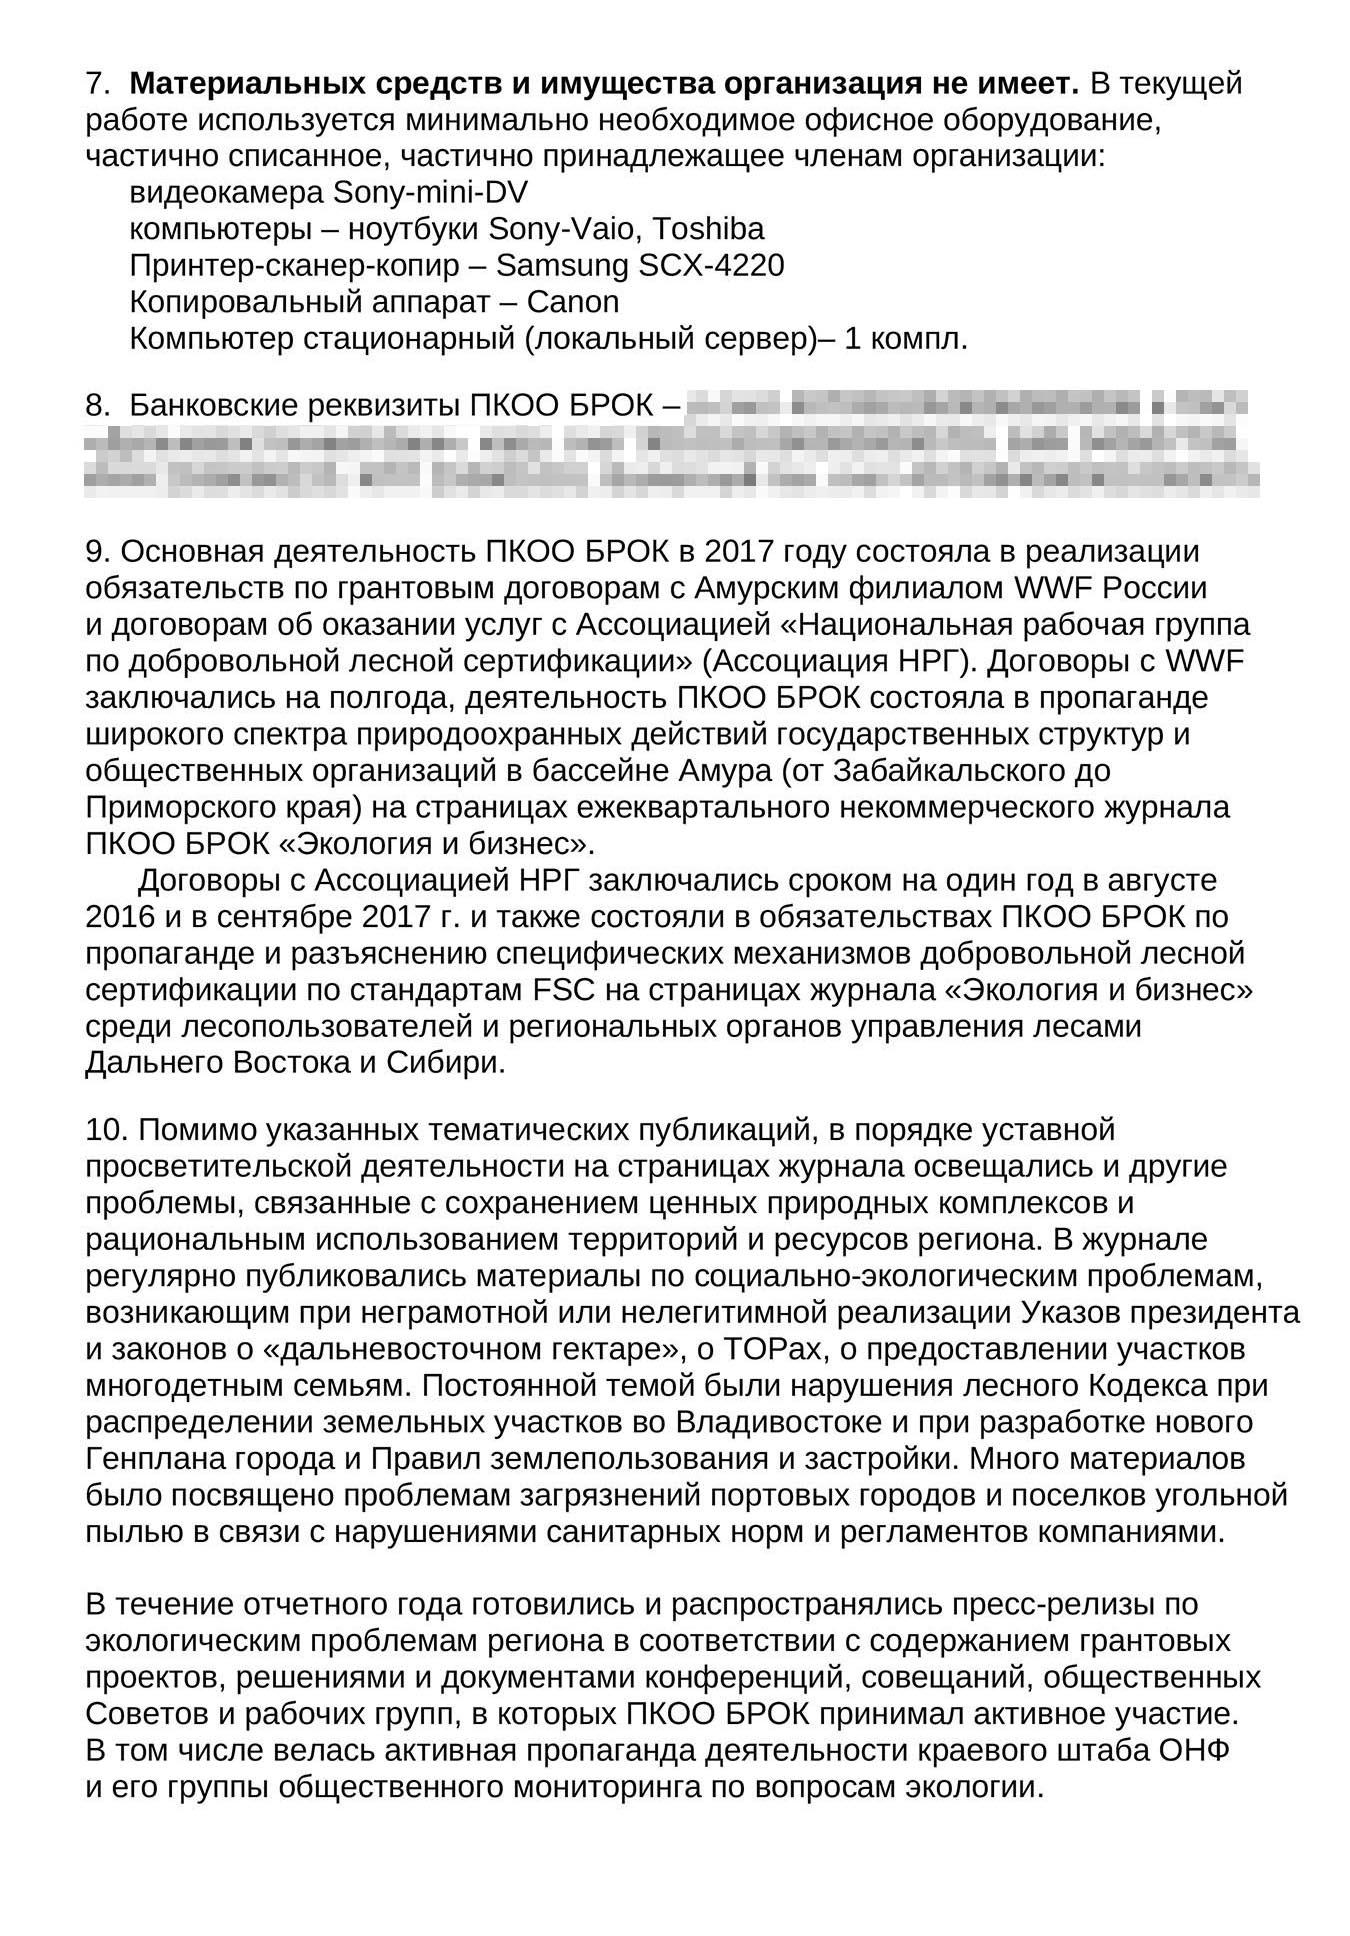 Так выглядит отчет НКО«БРОК» из Приморья: доходы организации — меньше 3 млнрублей